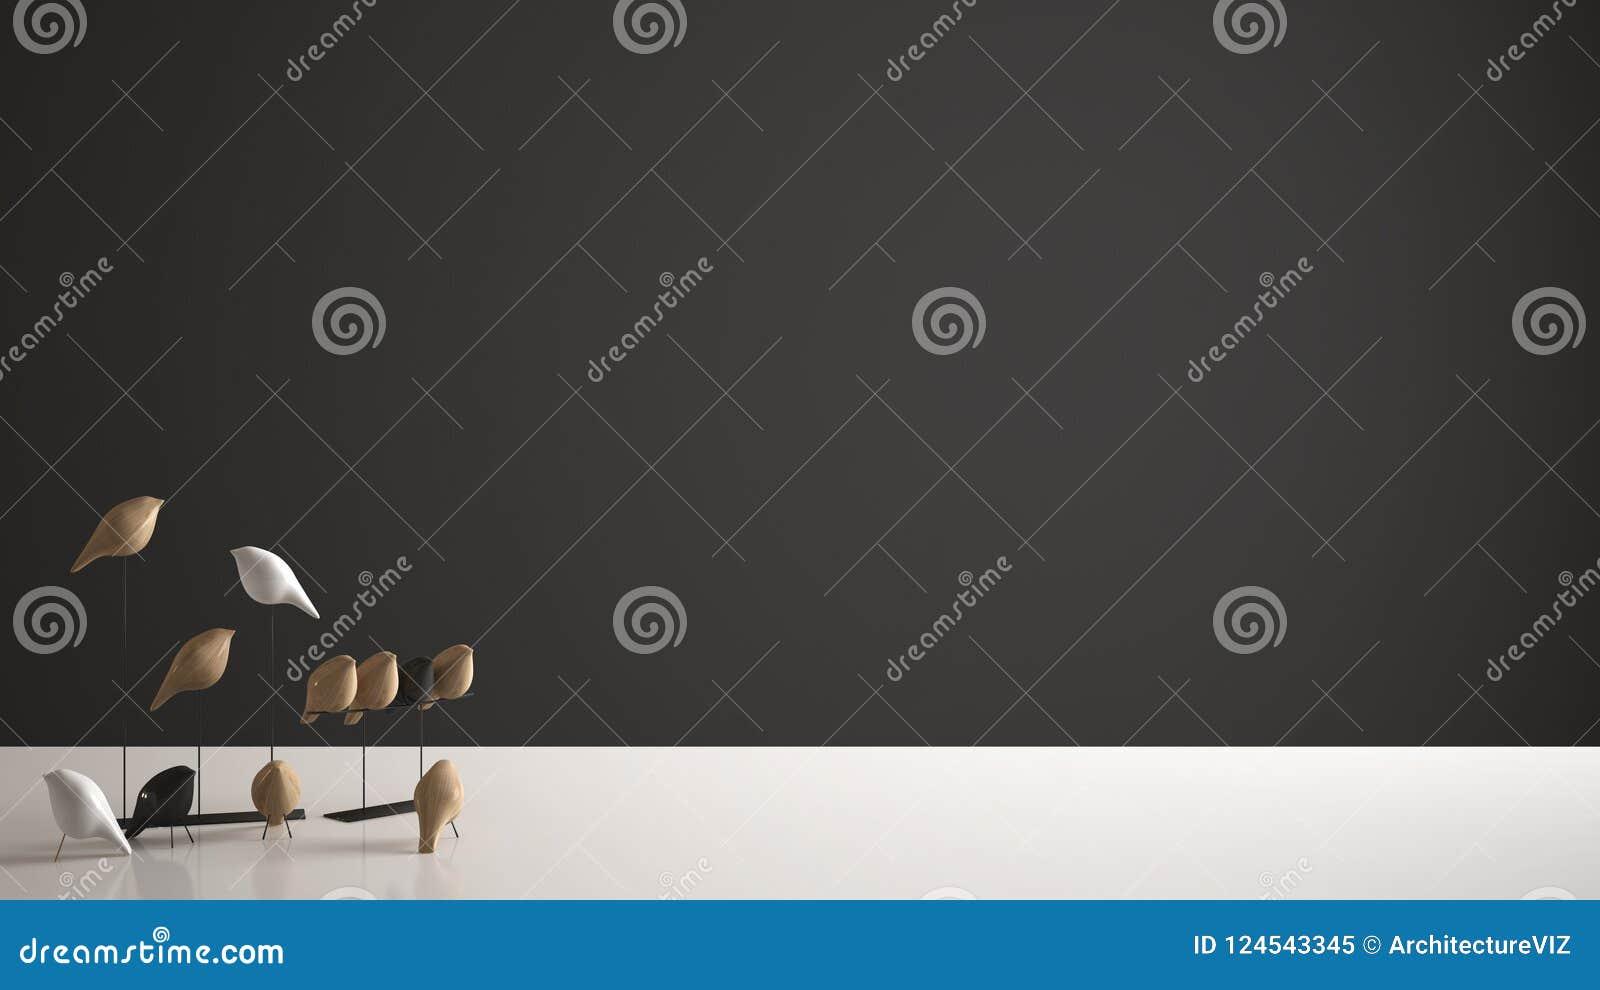 Witte lijstbovenkant of plank met minimalistic vogelornament, vogeltje knick - handigheid over donkere achtergrond met exemplaar